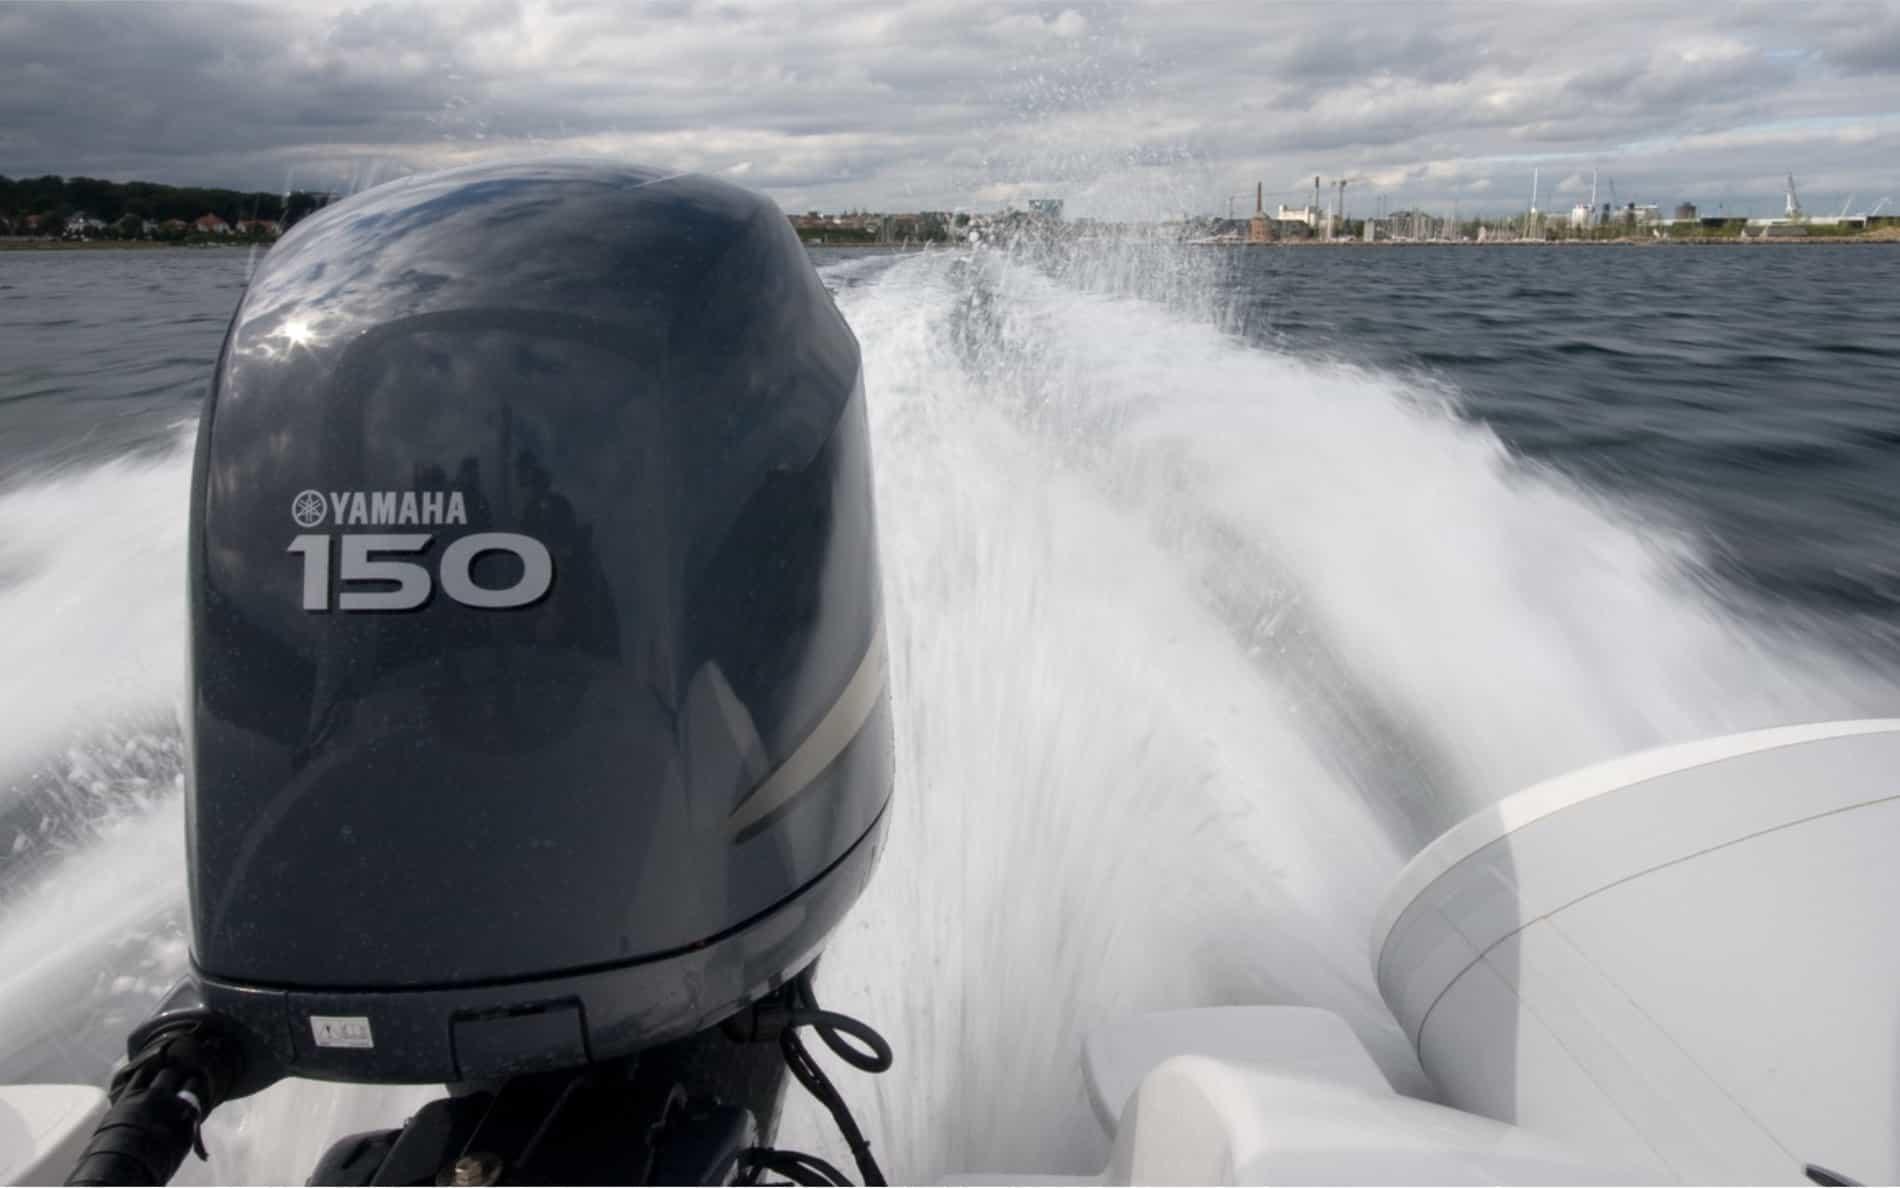 <div>Går du og drømmer om at sejle de danske farvande tynde i en lækker speedbåd? Så har du brug for et speedbådskørekort.</div><p><br></p><p>Med et speedbådskørekort kan du efter gældende dansk lov føre en større speedbåd i Danmark – og dit speedbådskørekort vil også gælde i mange andre lande. Et speedbådskørekort hos Sailors koster 950 kr.</p>